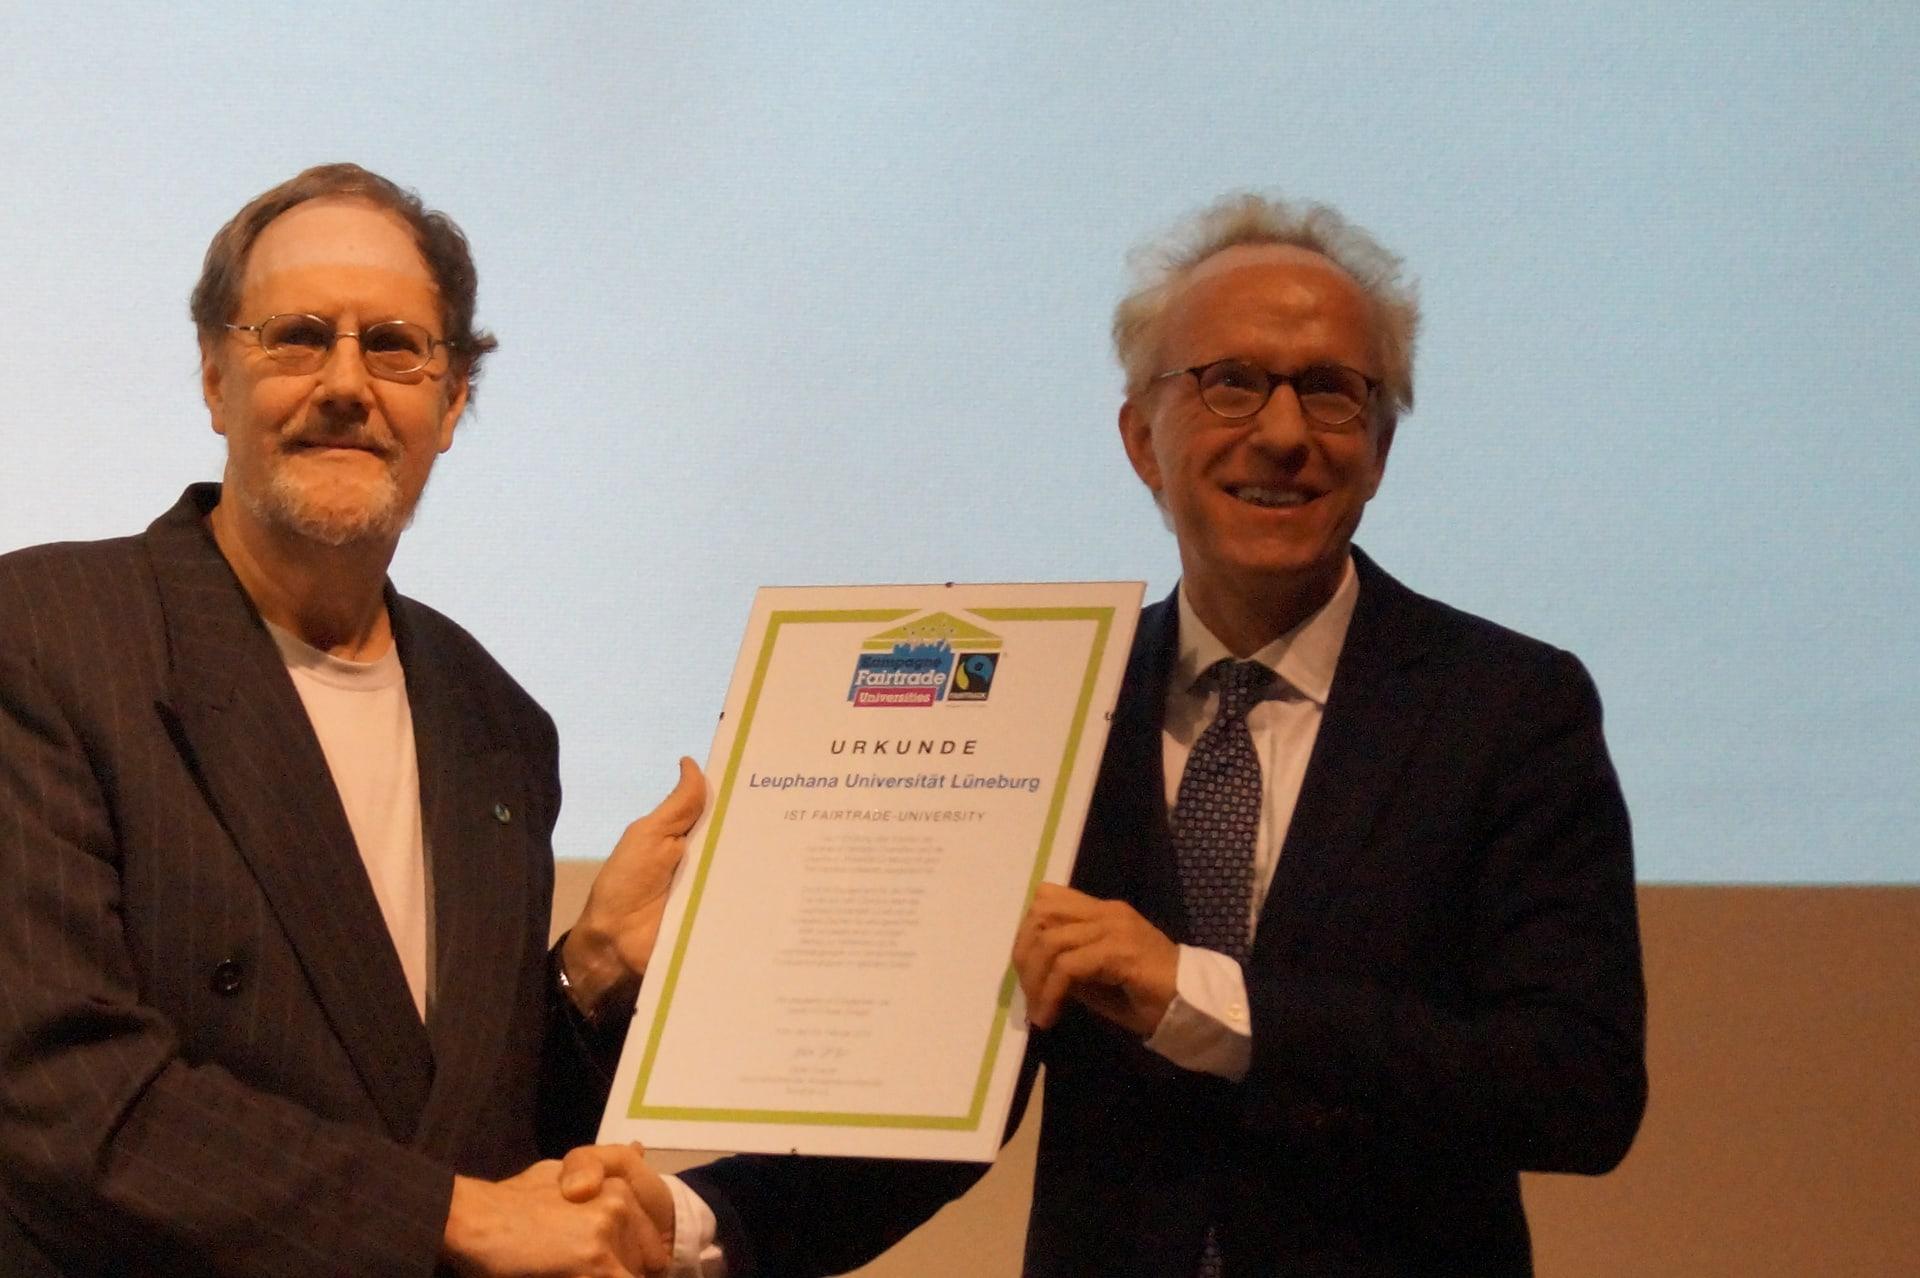 Übergabe der Urkunde von Volkmar Lübke an Präsident Sascha Spoun / (C) Christopher Bohlens